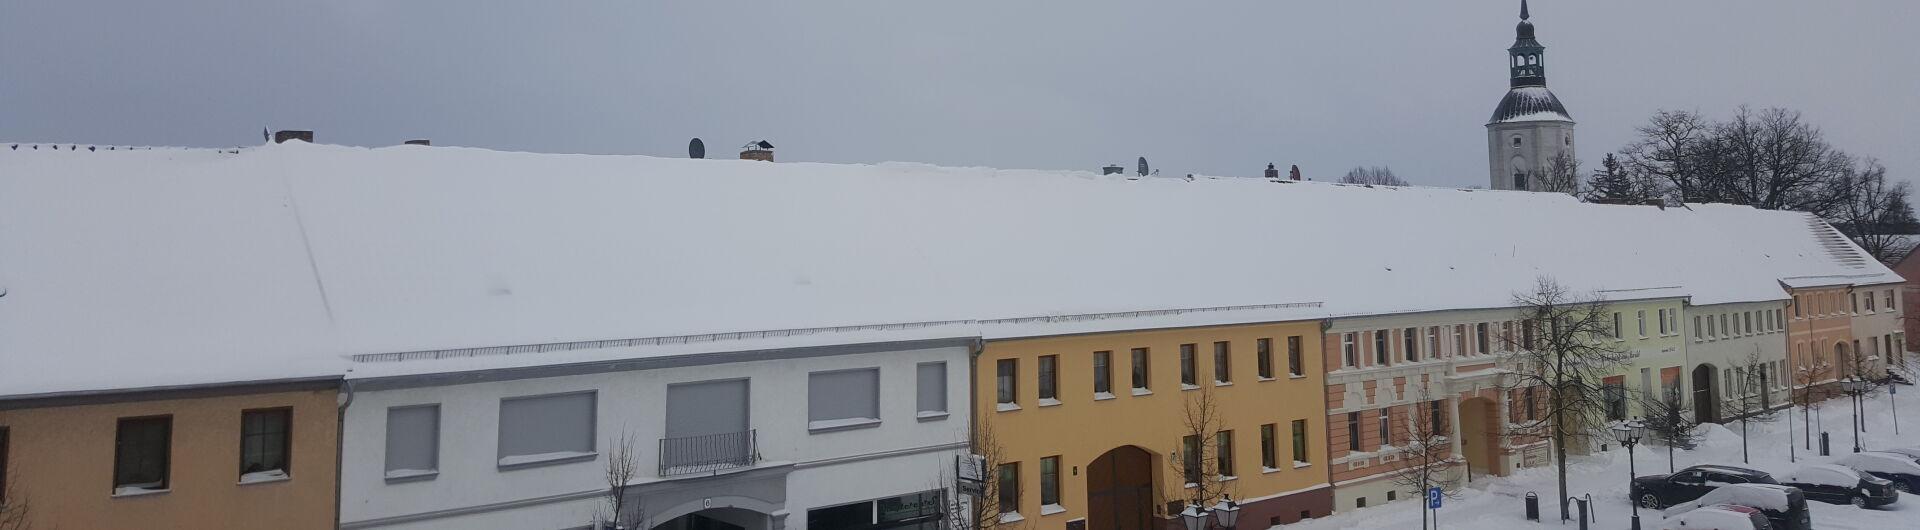 Schönewalde, 08.02.2021, Fotorechte: Stadt Schönewalde